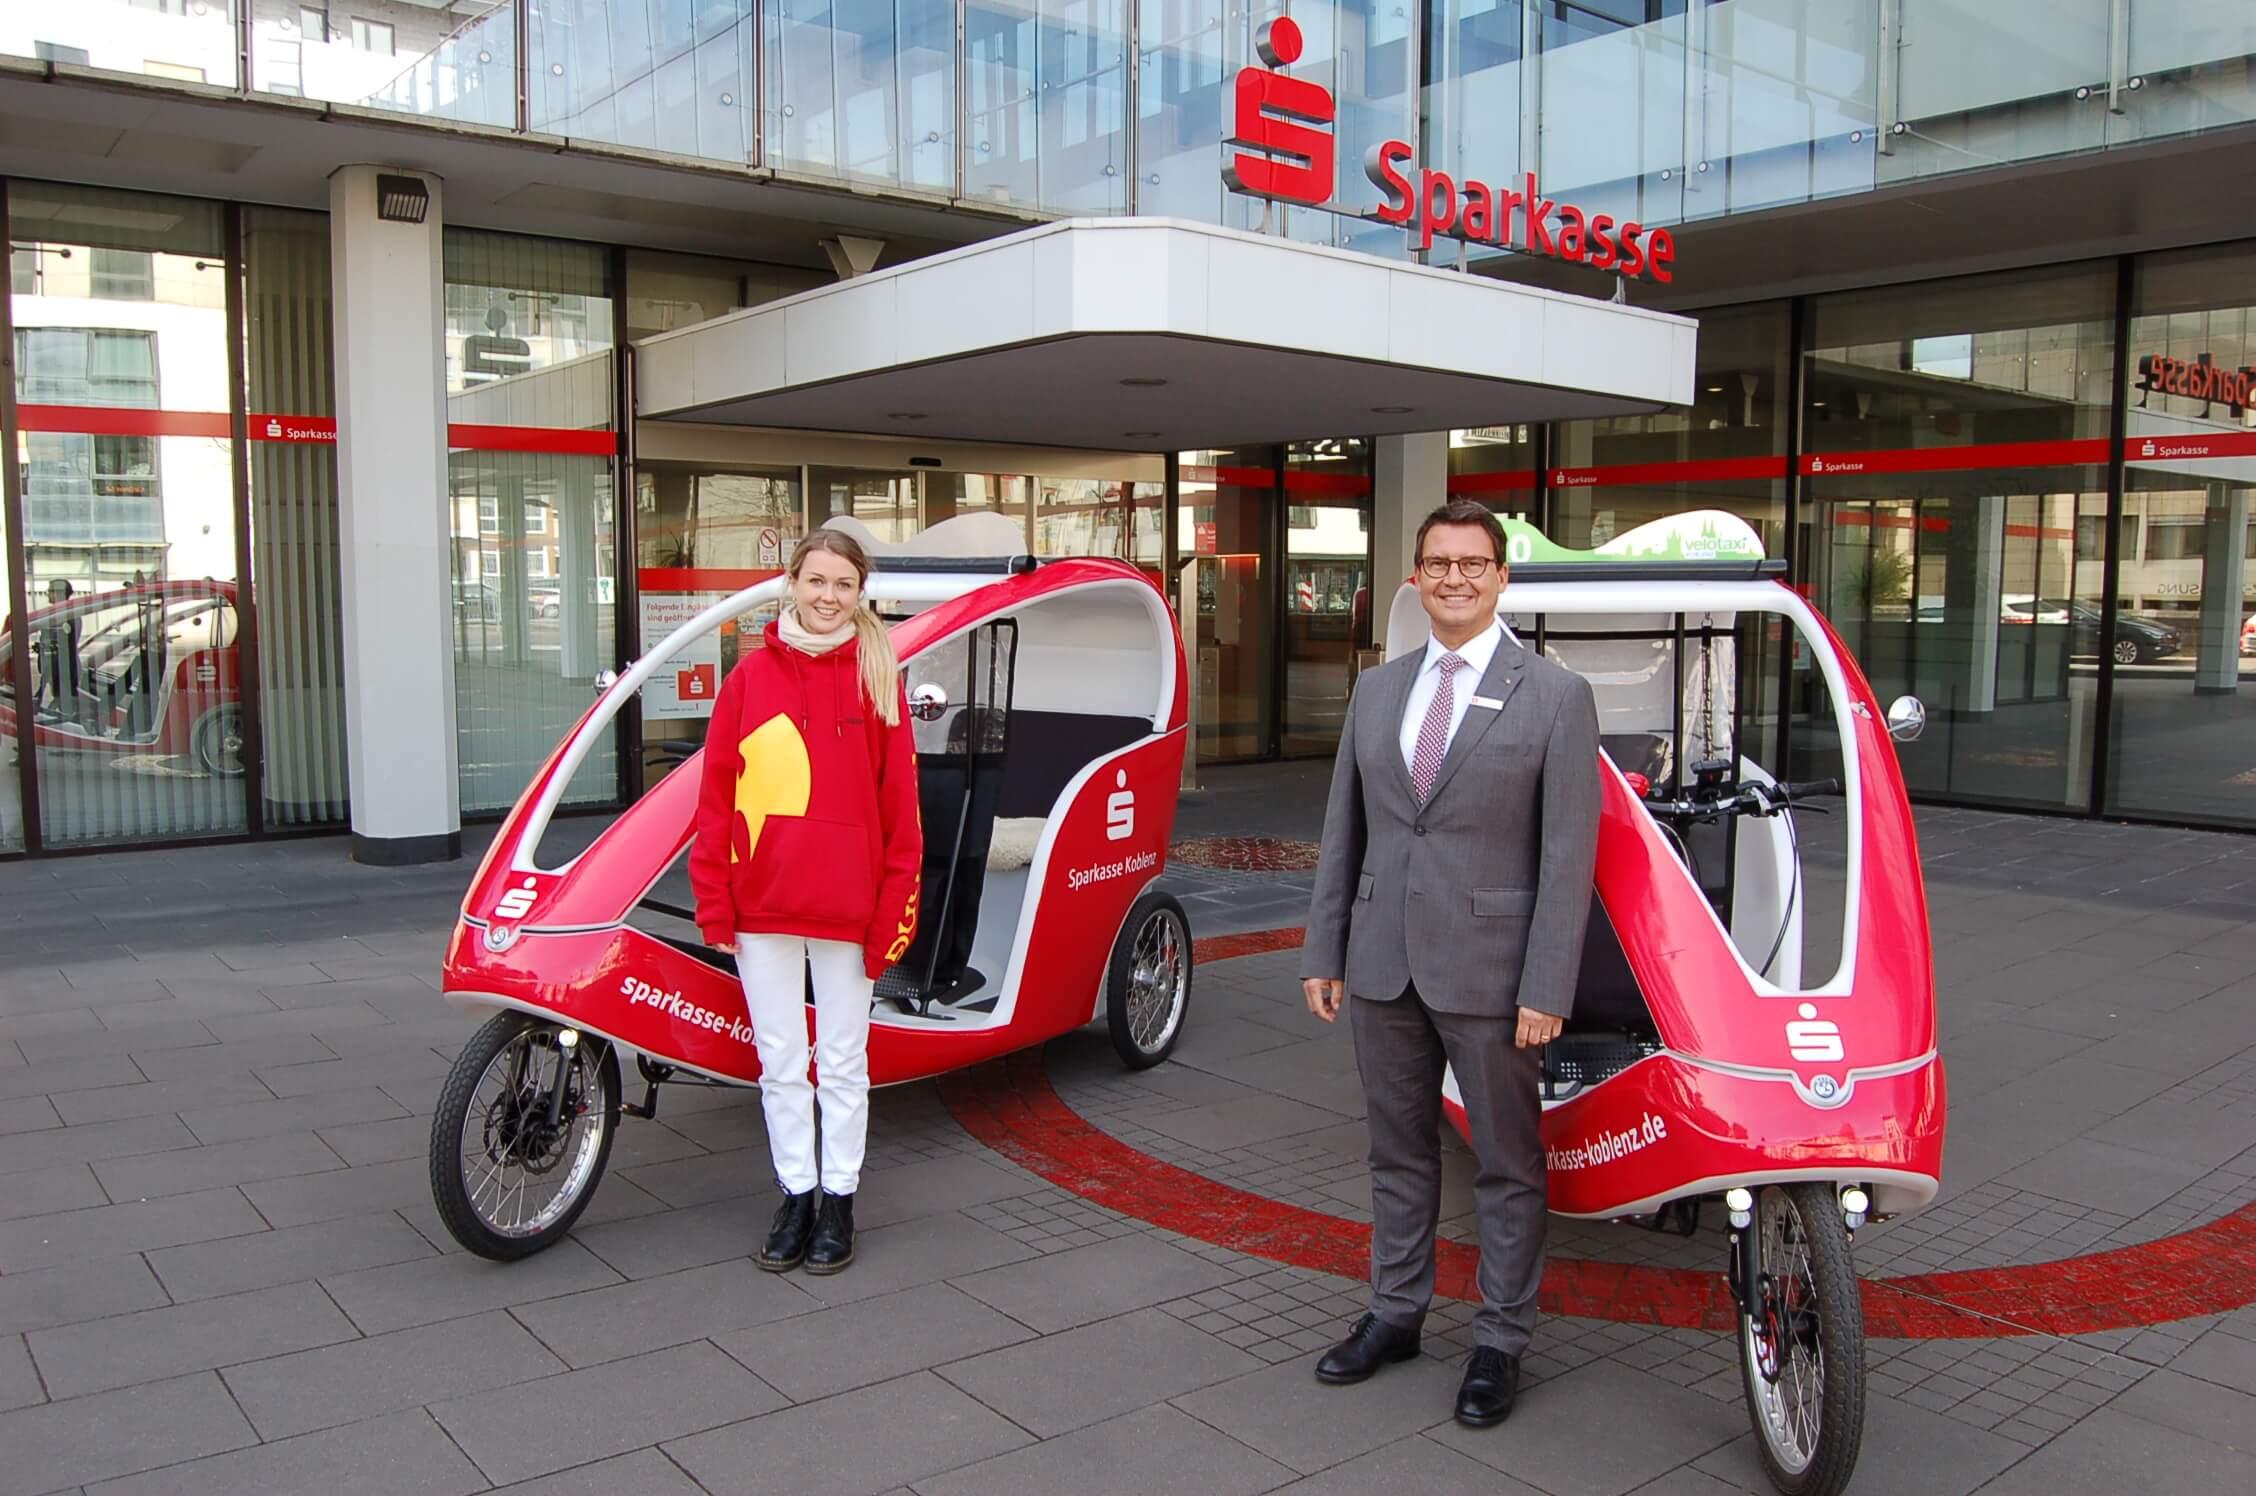 Jungunternehmerin Jule Sabel (links) und Sparkassenchef Matthias Nester bei der Präsentation der Velotaxis vor der Hauptstelle der Sparkasse.